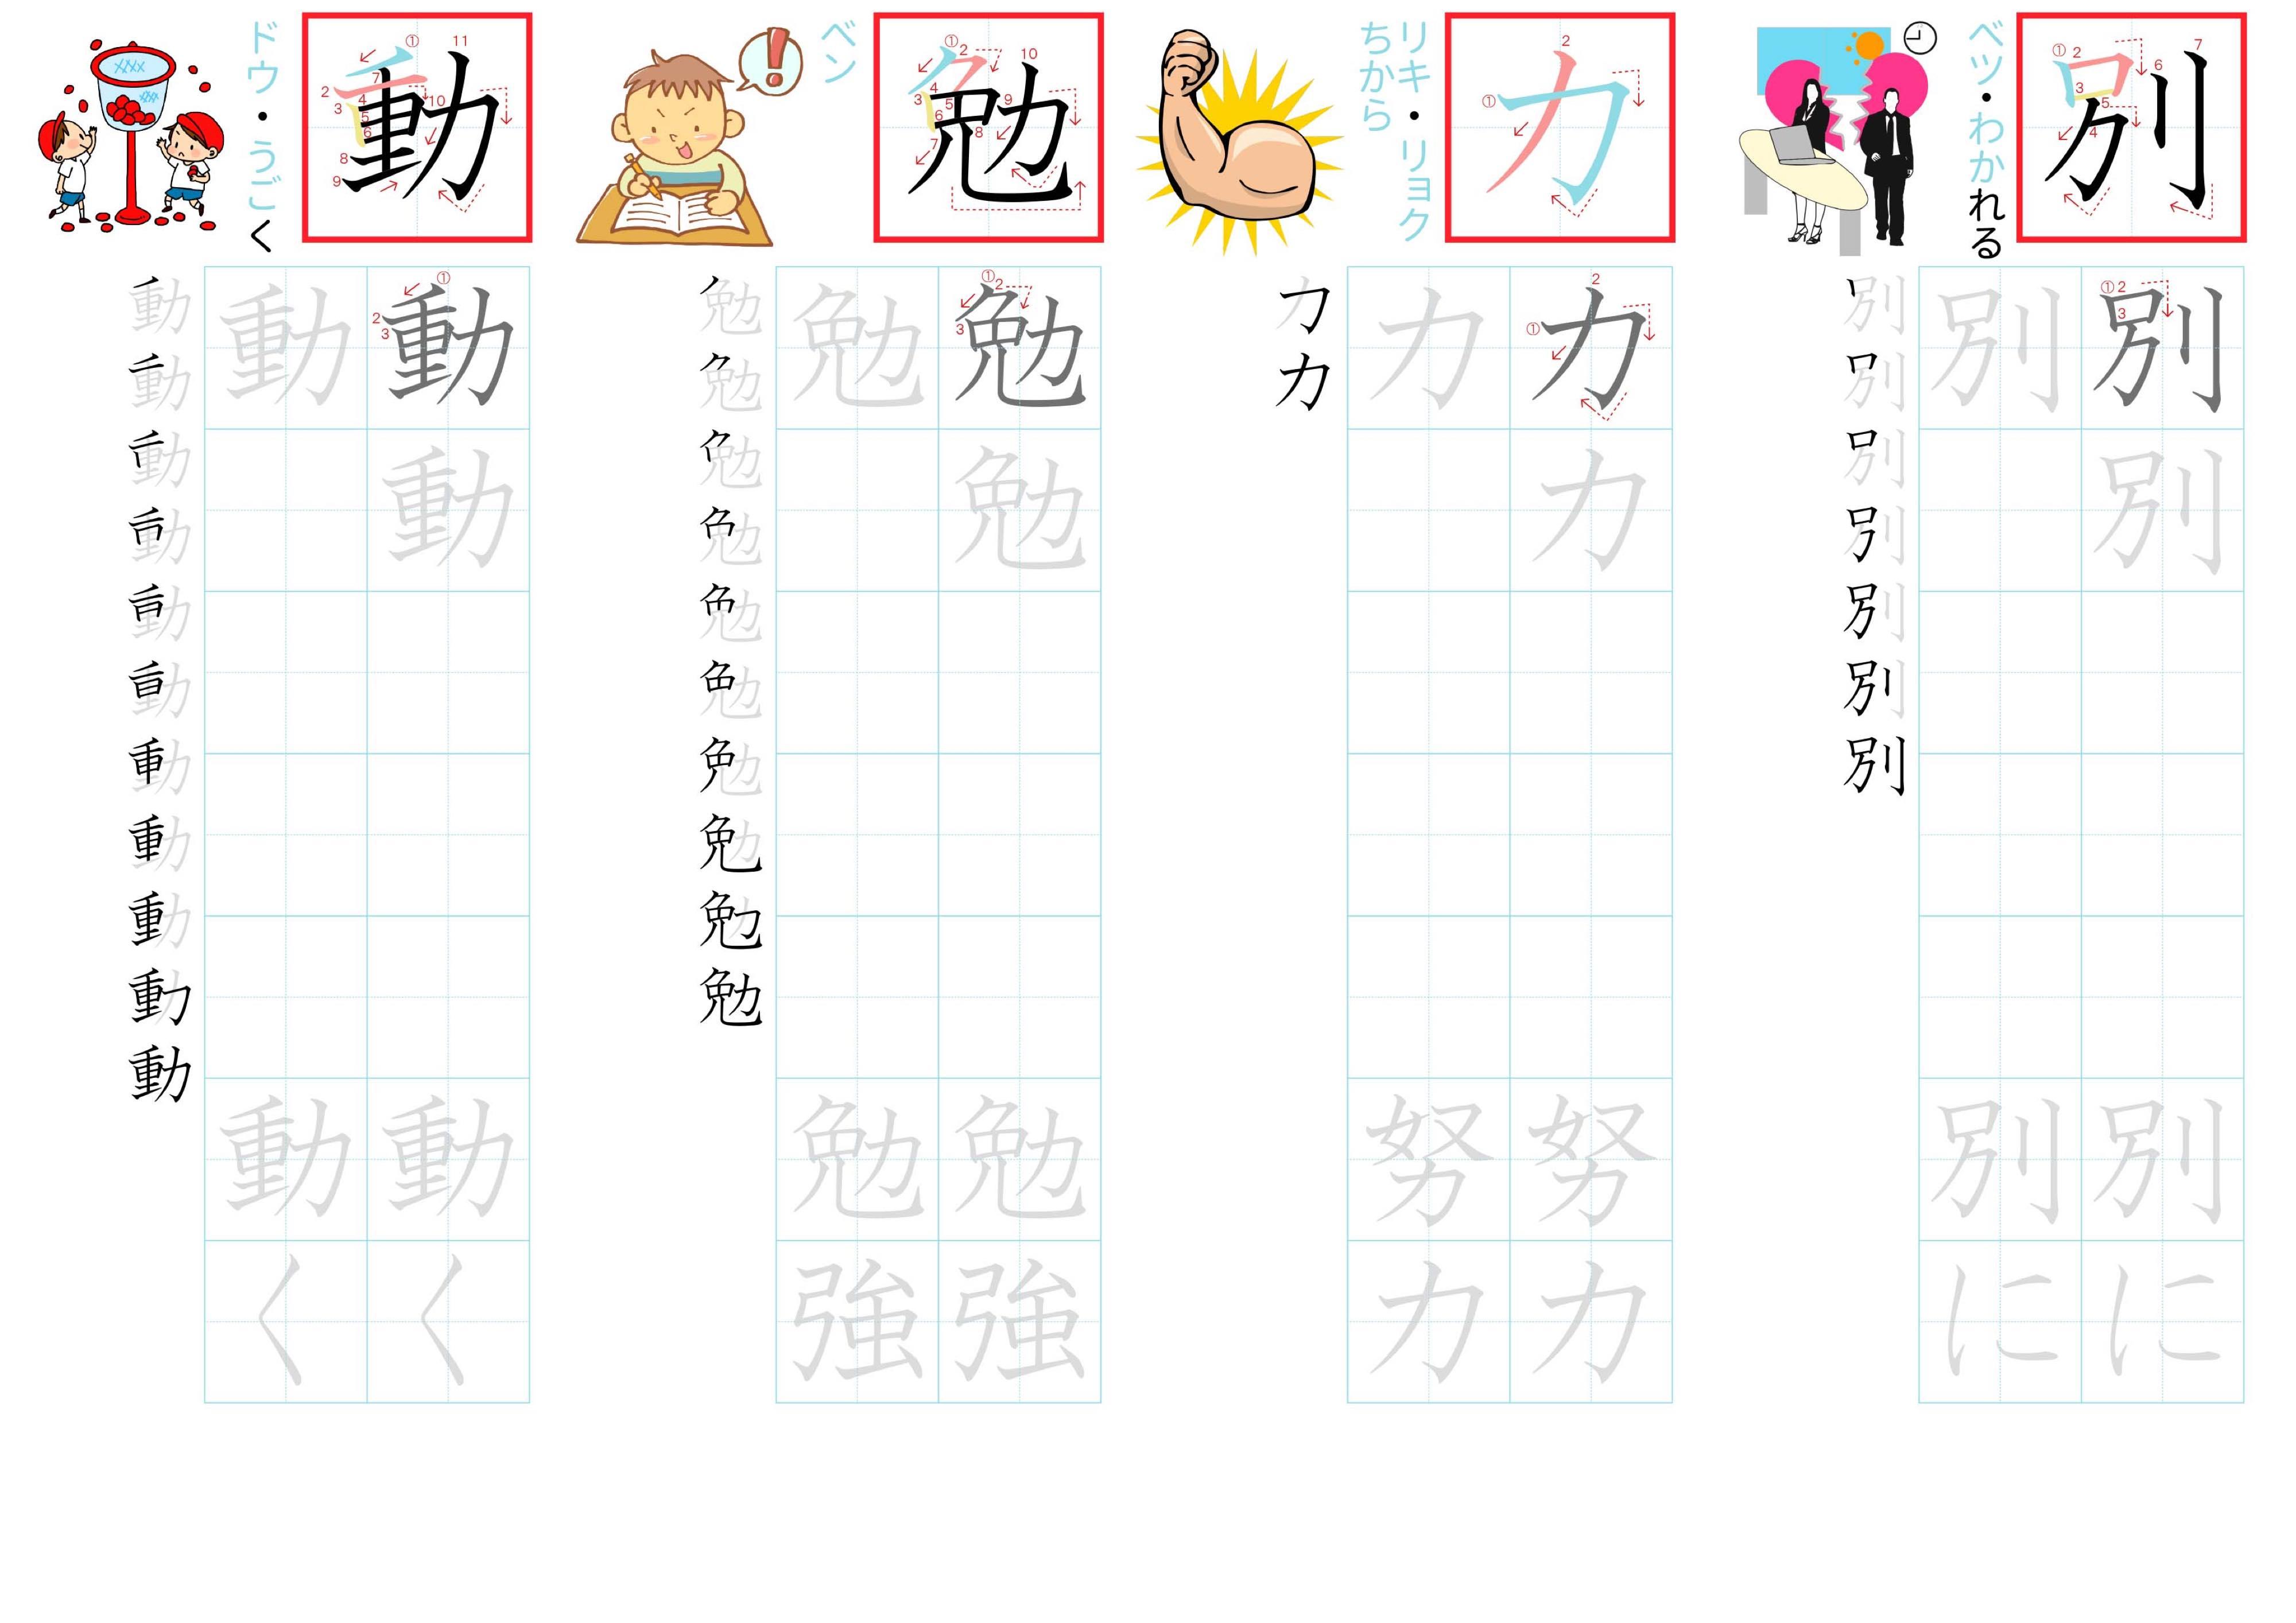 kanji-practice-card-n4-japanese-026